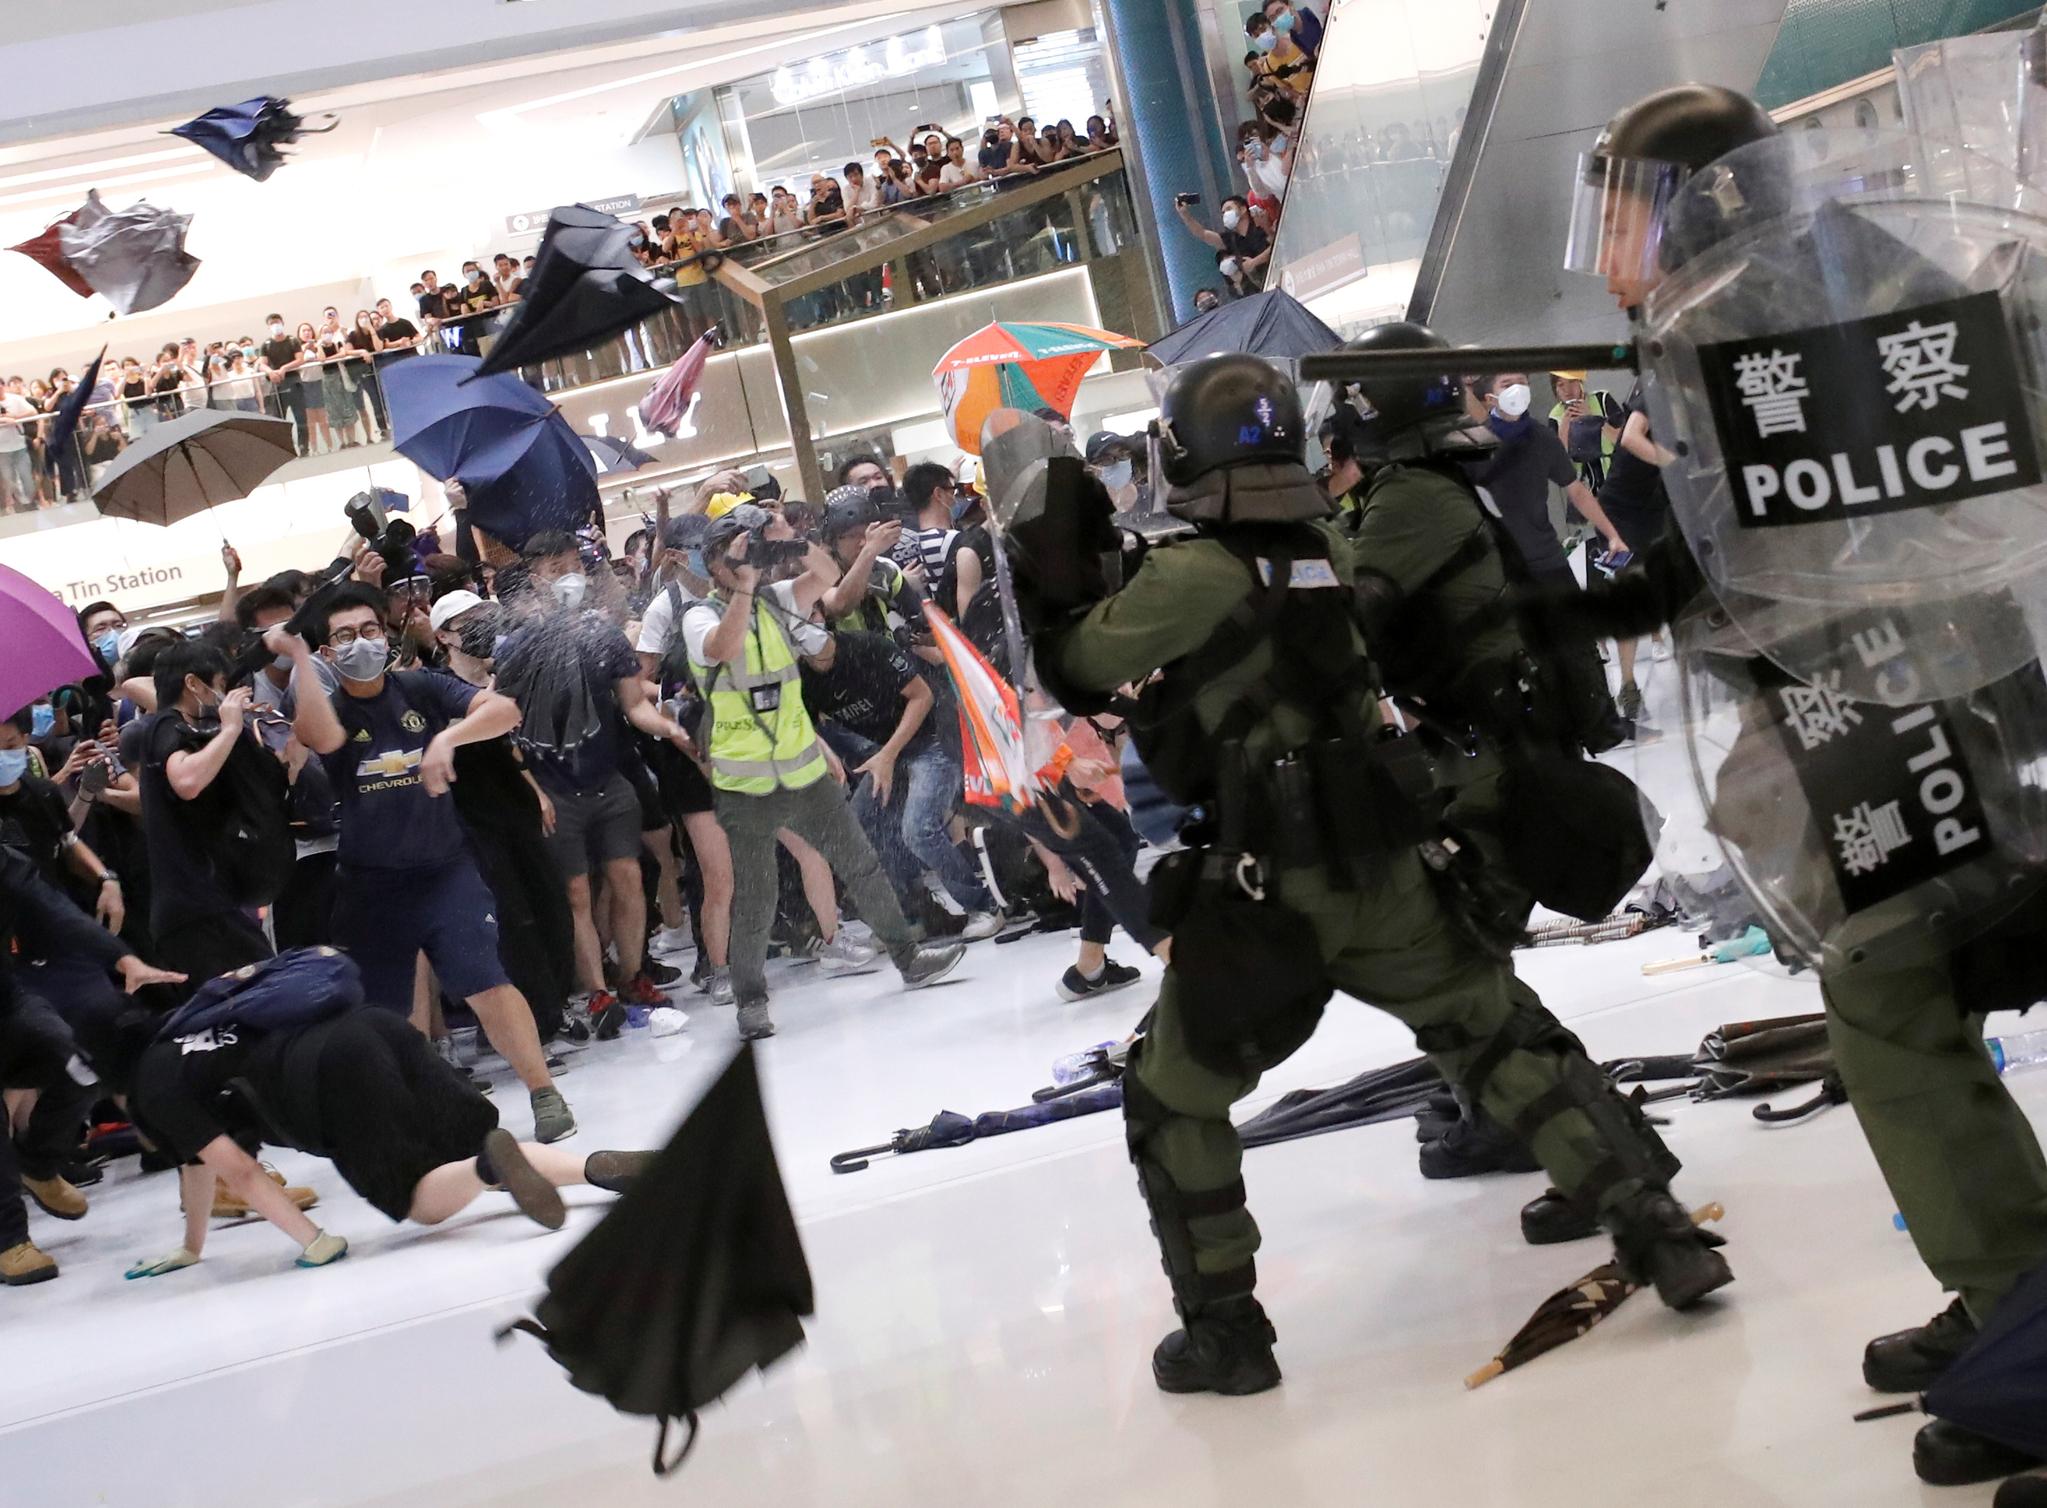 경찰과 시위대간의 격렬한 충돌이 발생한 14일(현지시간) 홍콩 뉴타운플라자에서 시위대들이 경찰을 향해 우산을 던지며 대치하고 있다. [AP=연합뉴스]